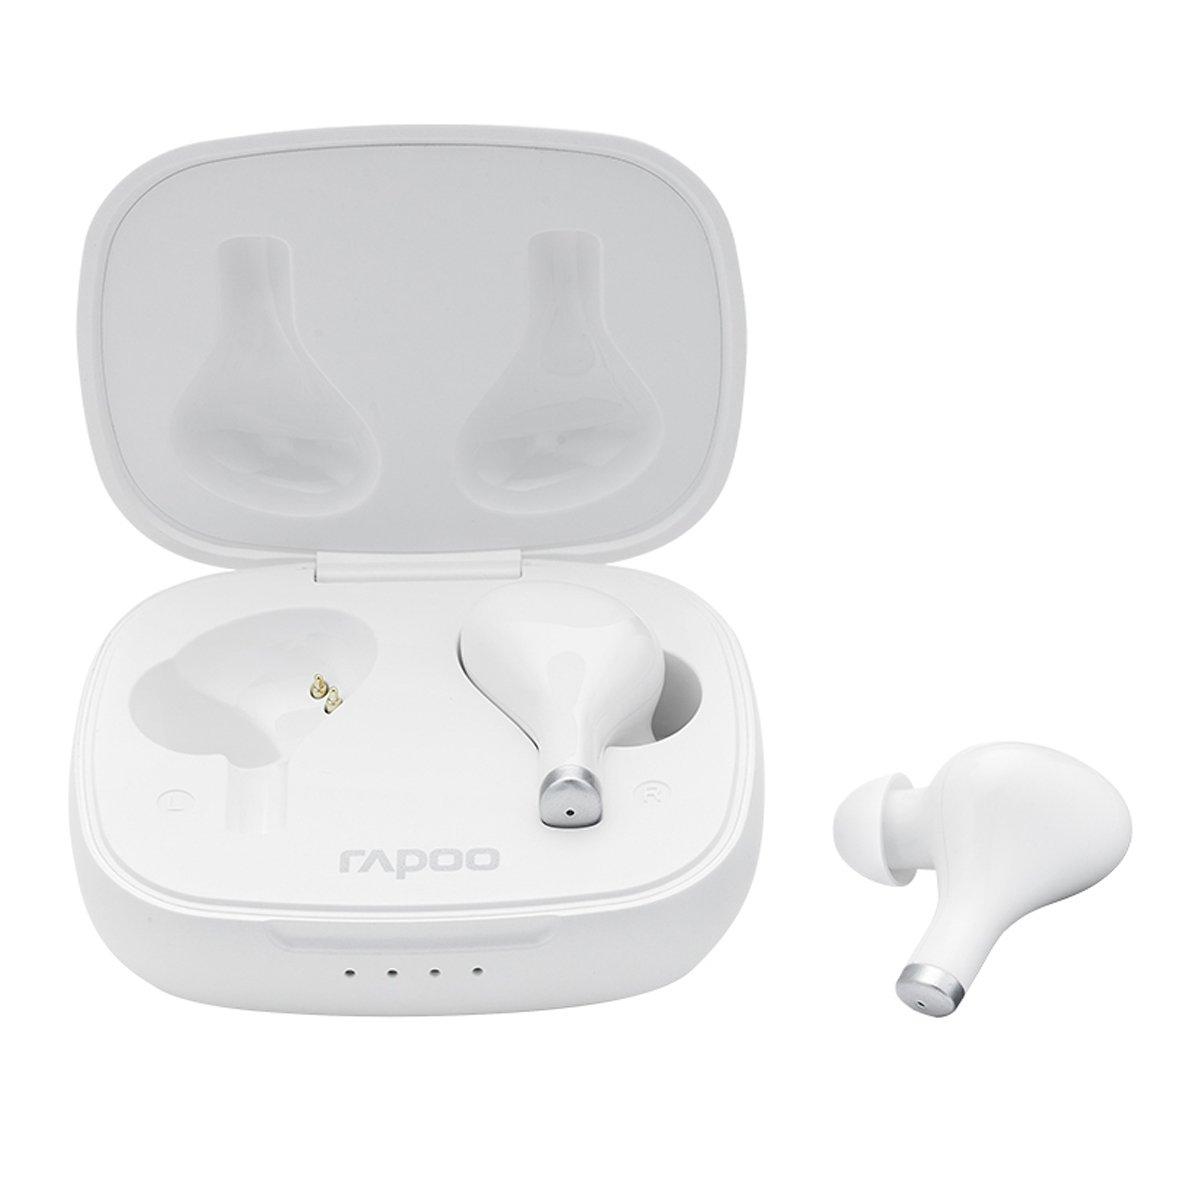 Tai nghe nhét tai không dây Rapoo i300 - Hàng chính hãng